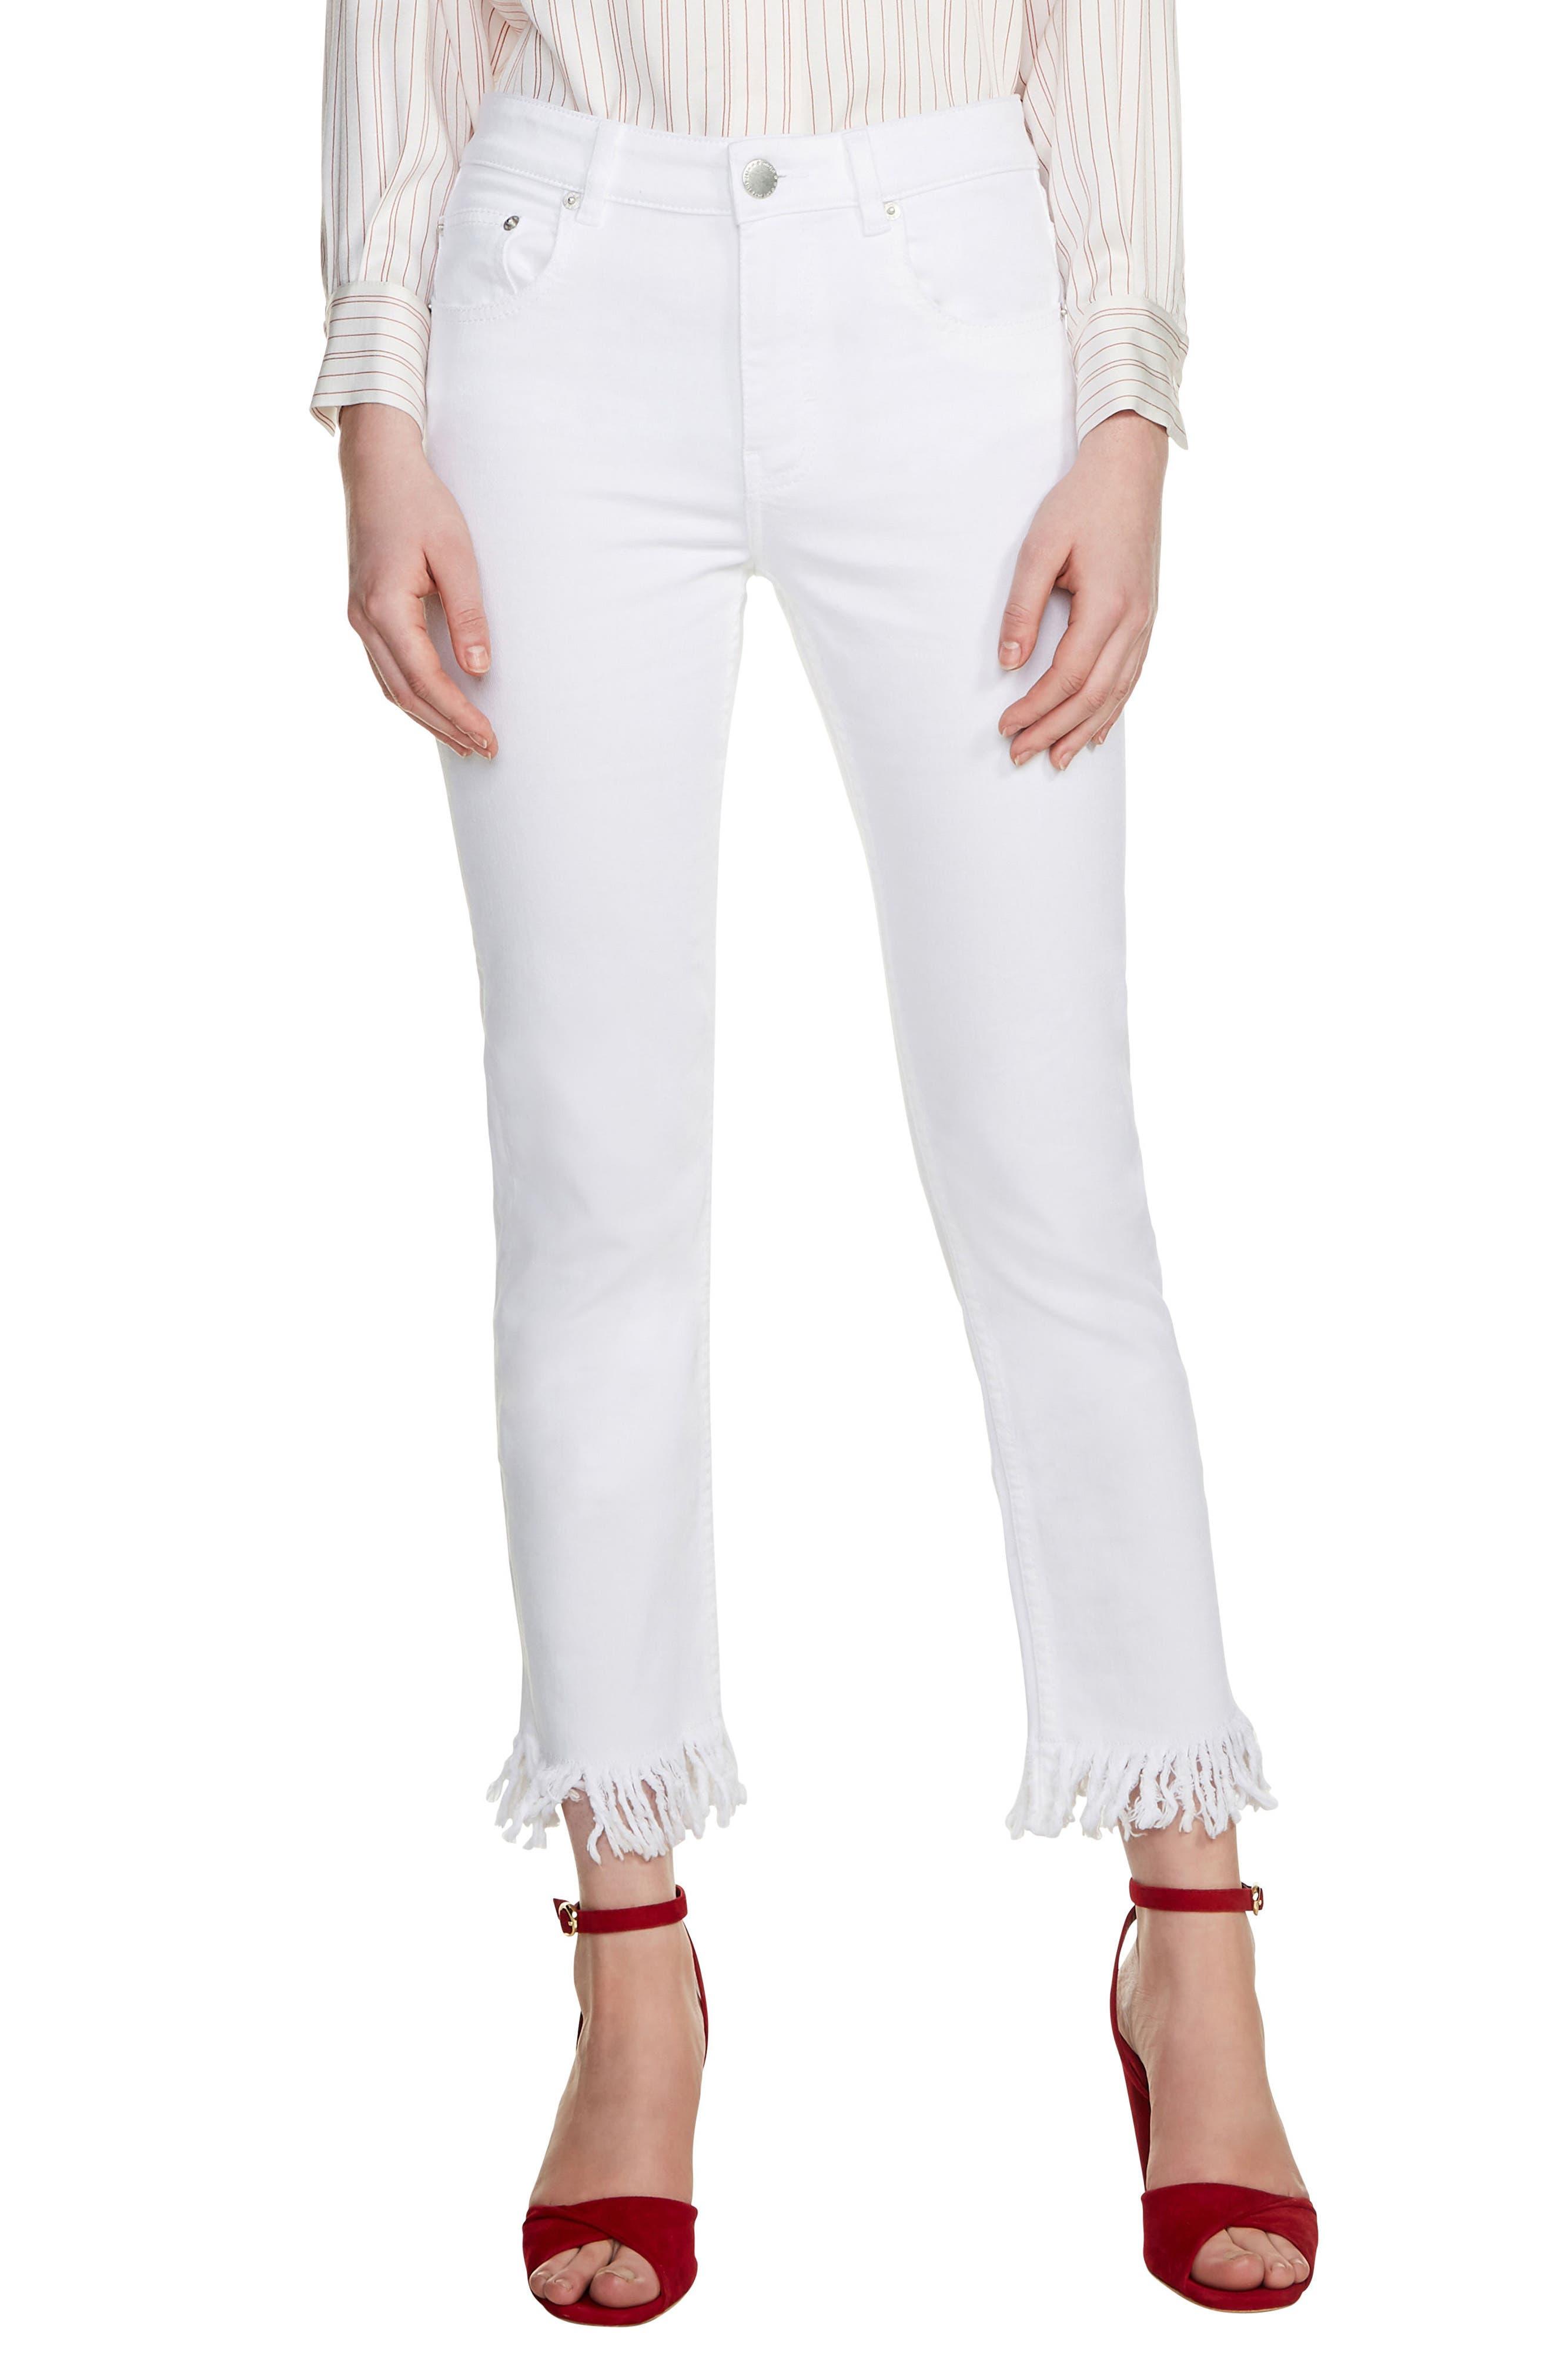 Panaki Fringe Straight Leg Jeans,                             Main thumbnail 1, color,                             100